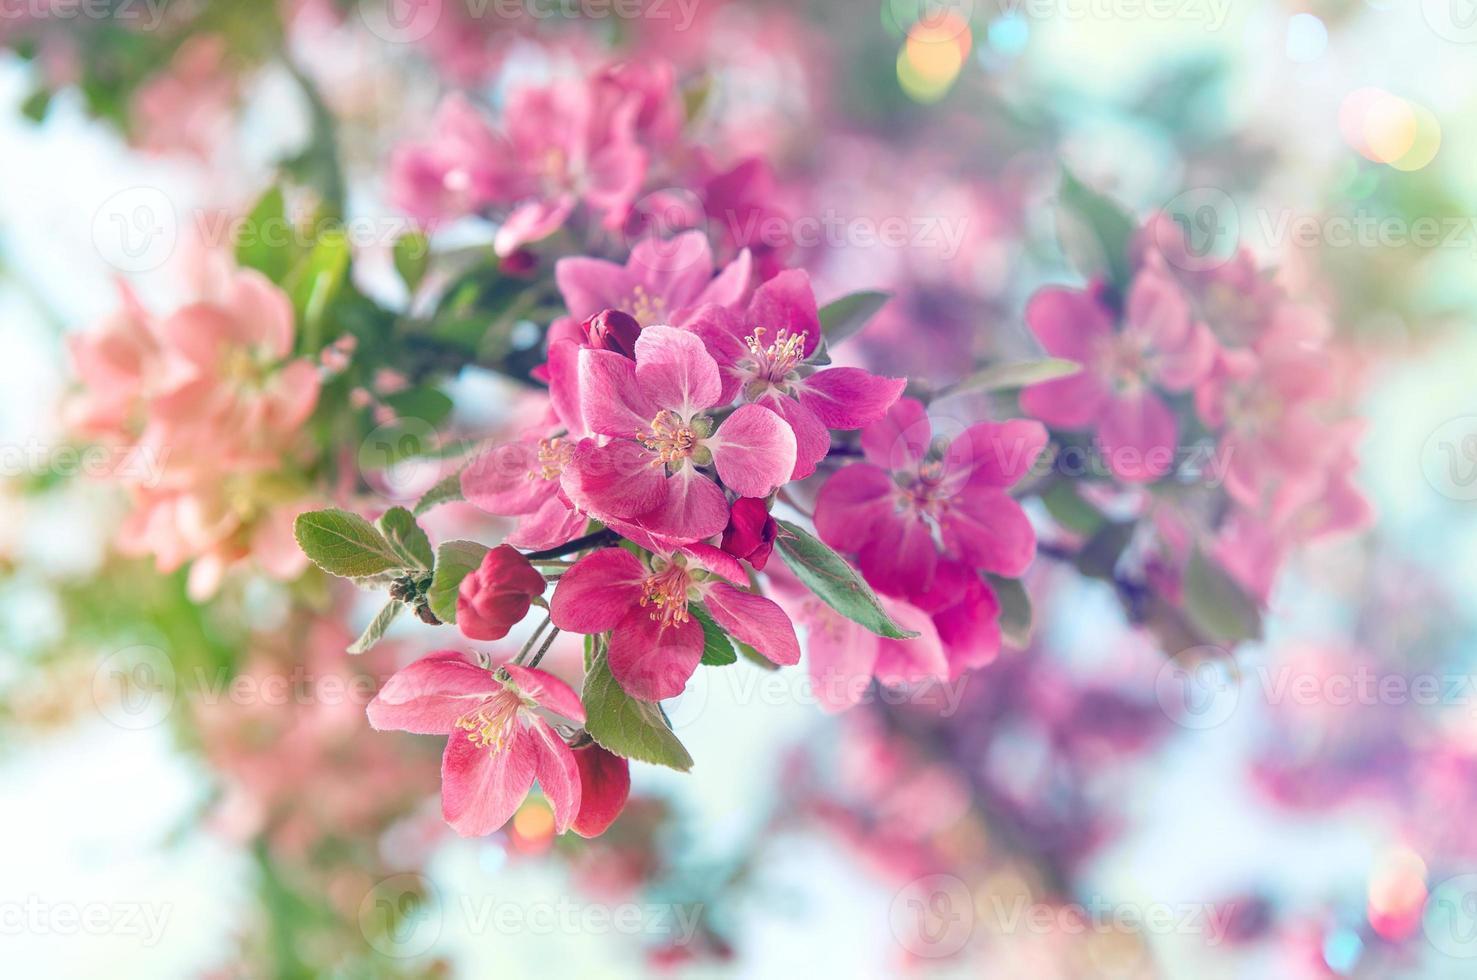 cerejeira desabrochando. lindas flores cor de rosa. estilo retro em tons foto